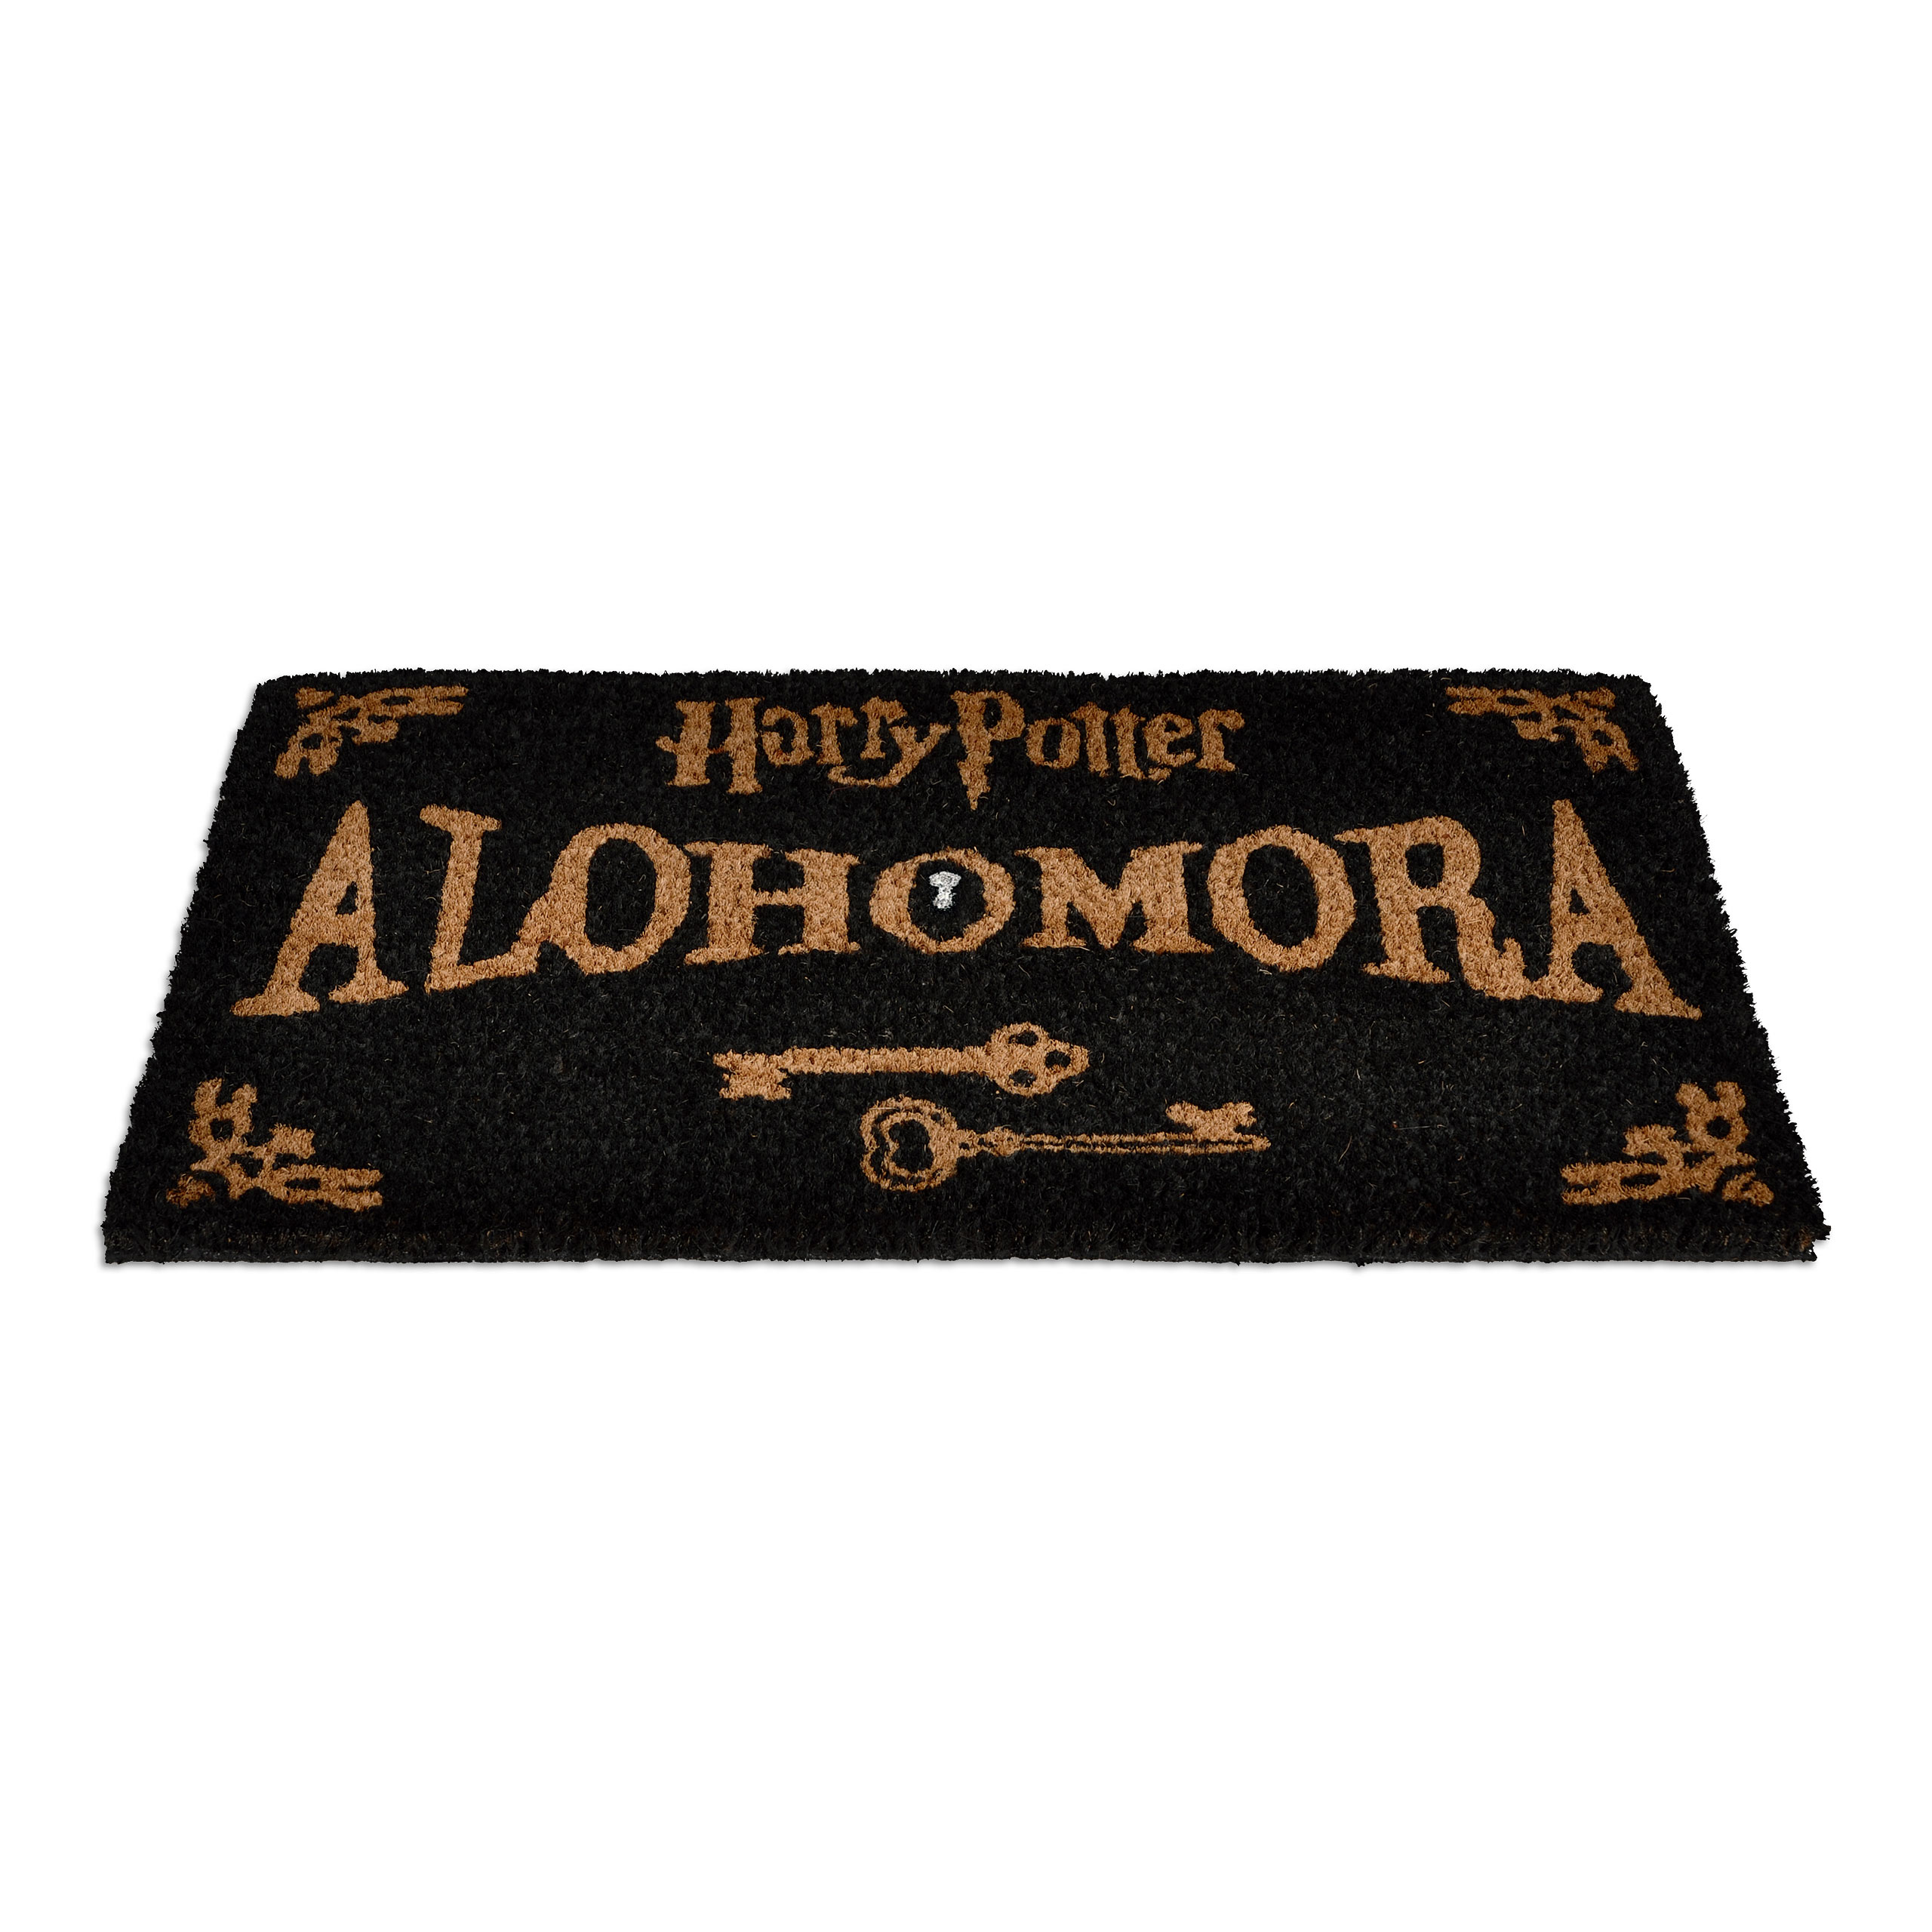 Harry Potter - Alohomora Fußmatte